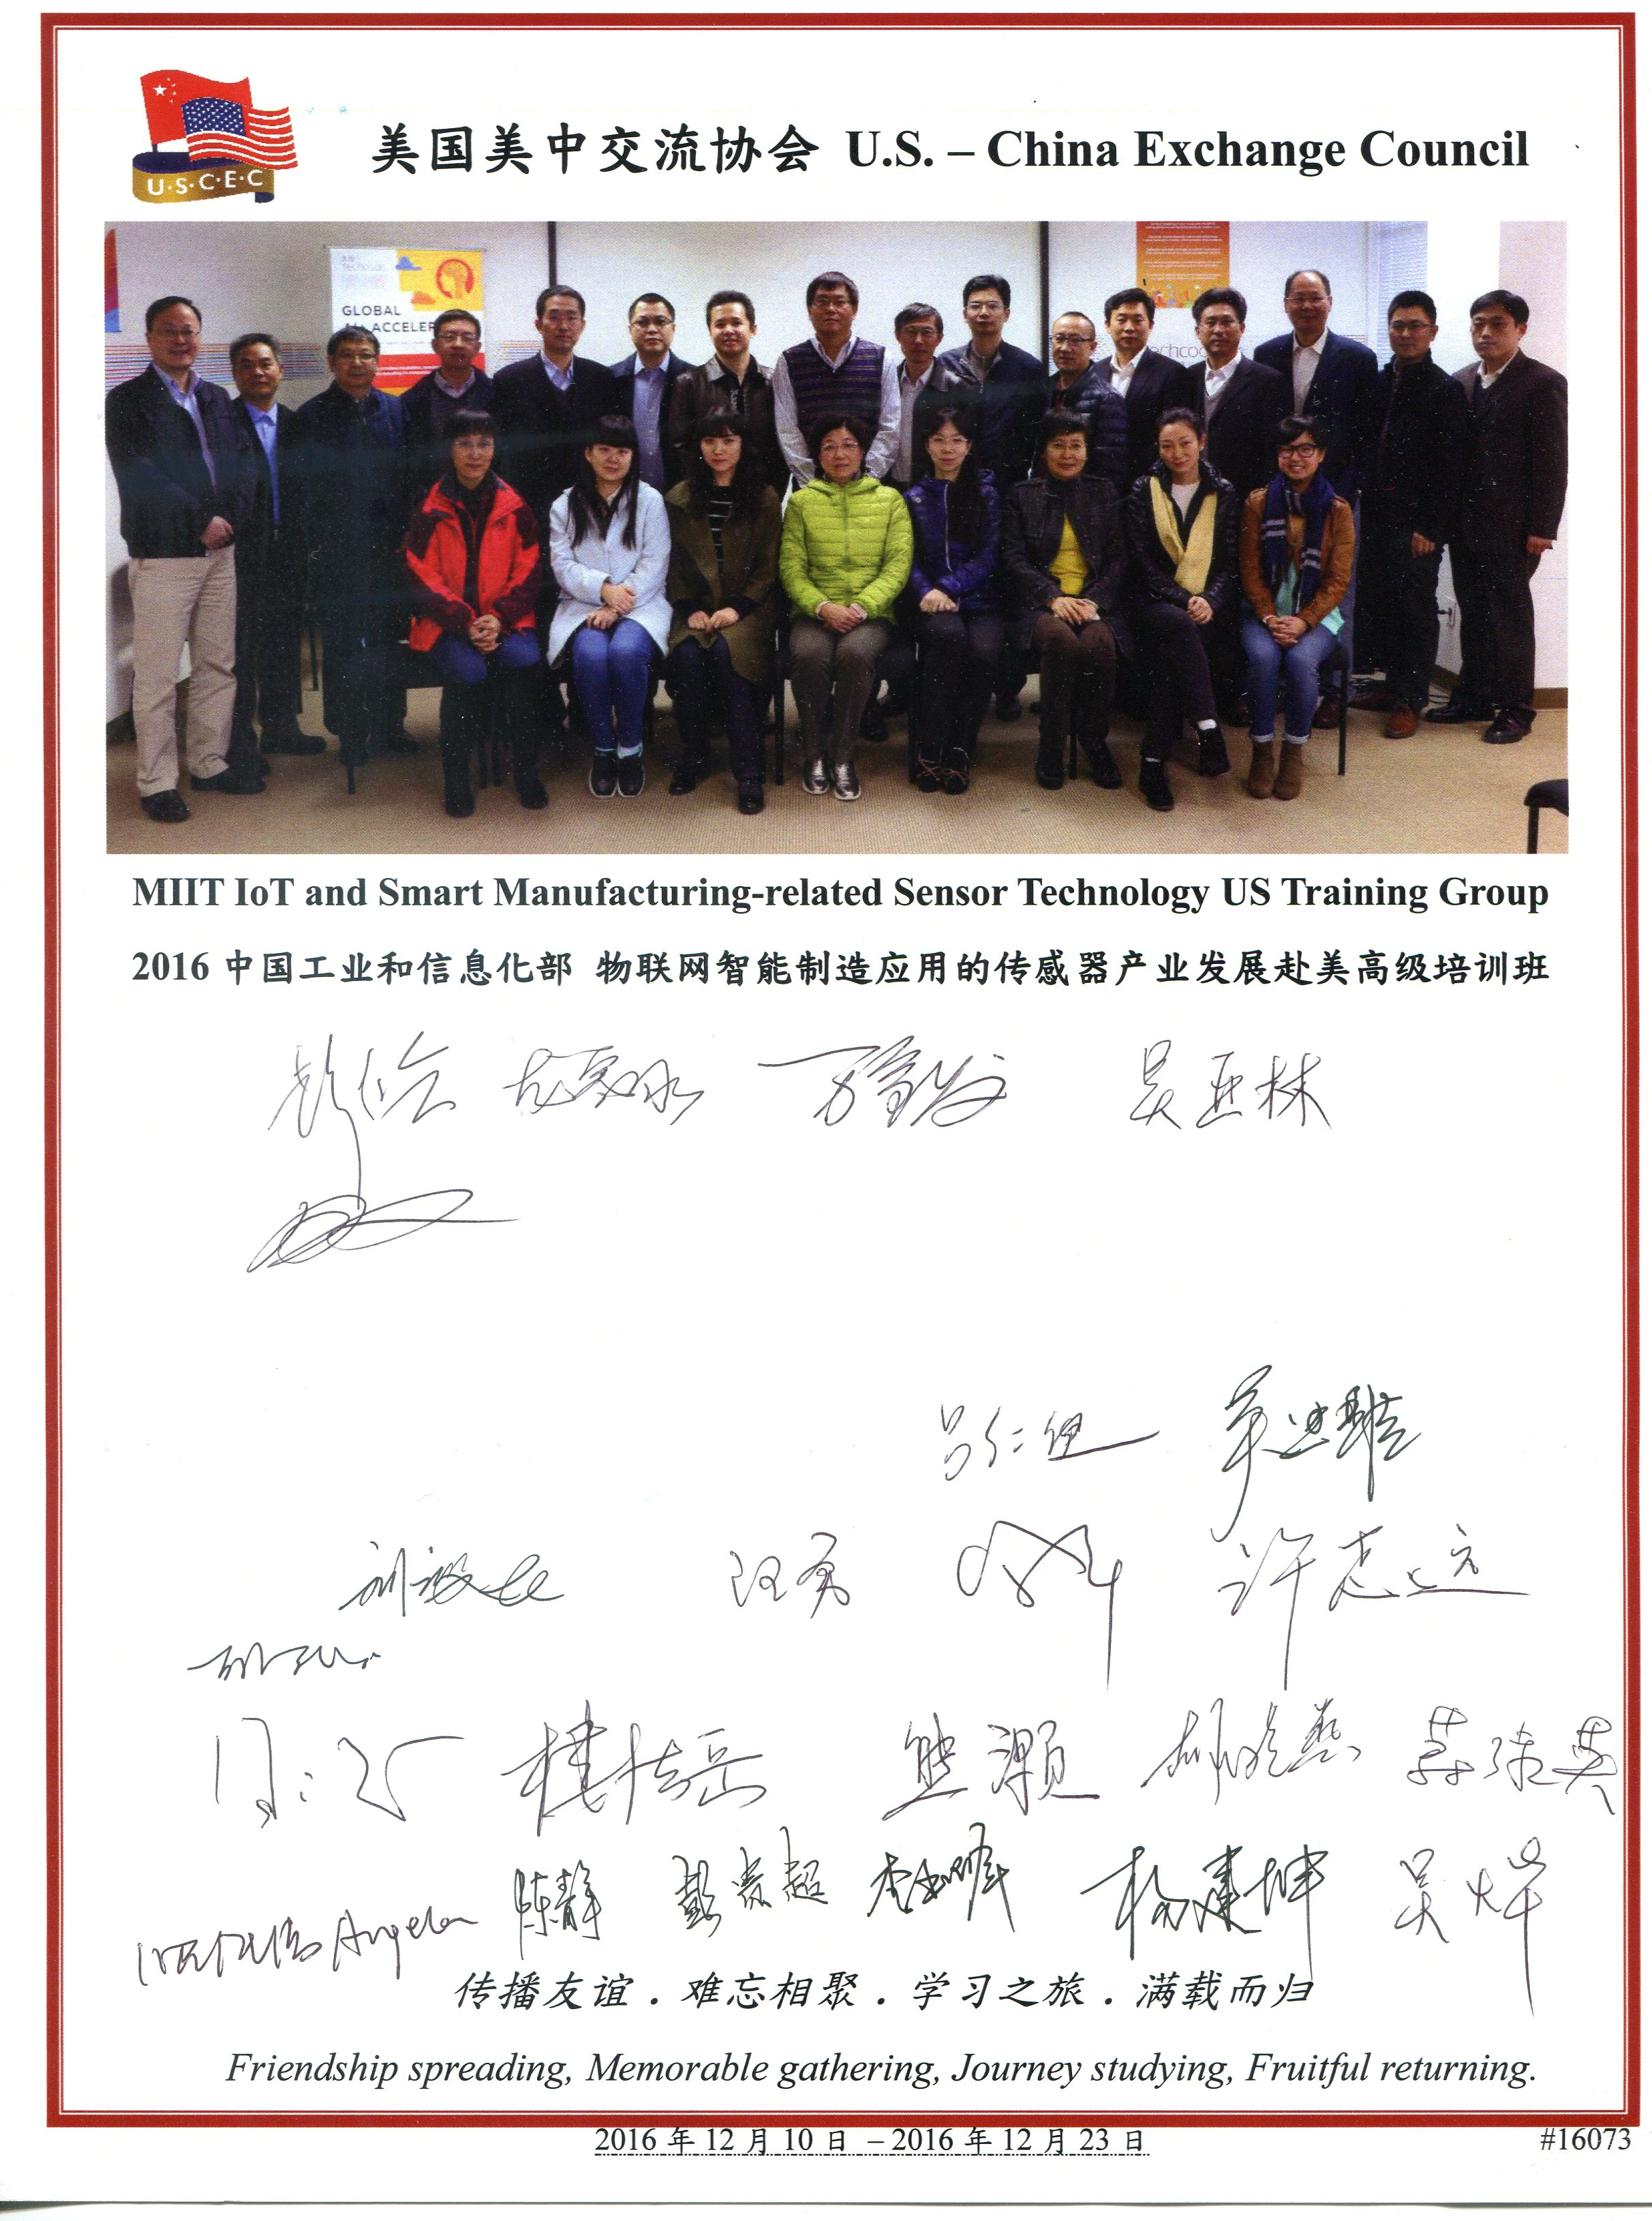 MIIT Delegation